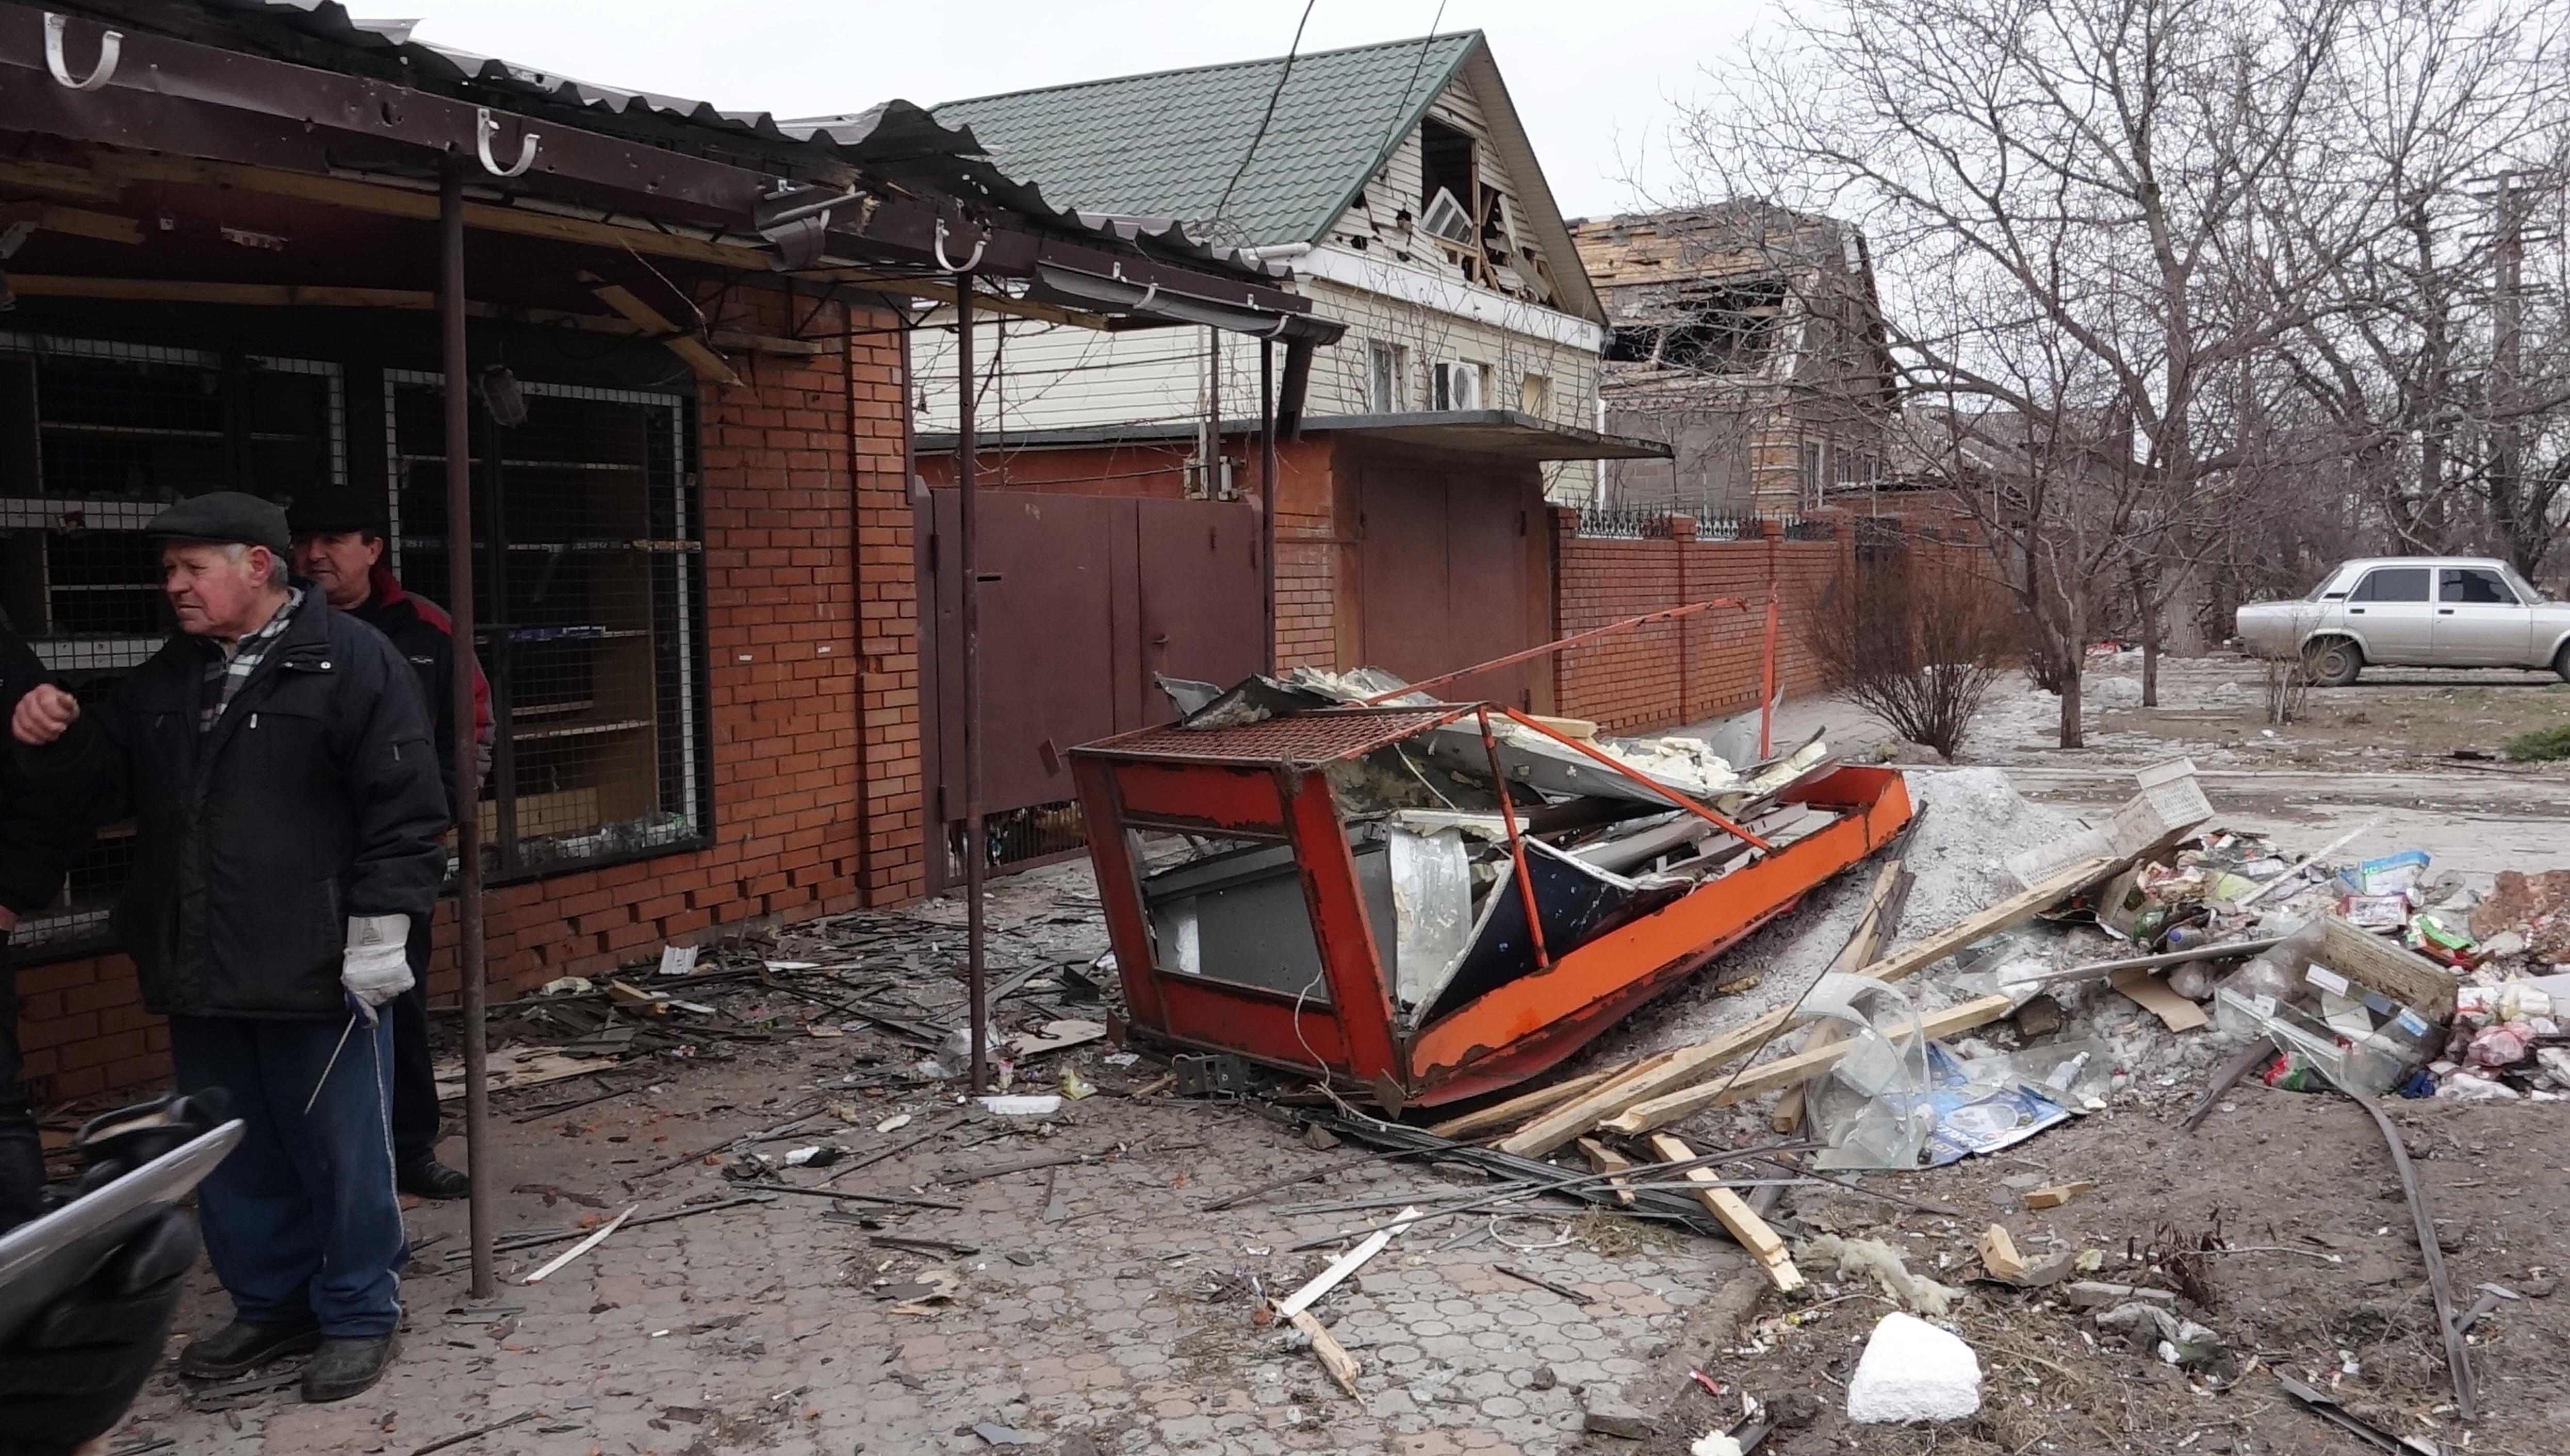 <p><span>Разрушенные частные дома в результате обстрела города Маруиполя.&nbsp;</span>Фото: &copy;РИА Новости/Никита Сергеев</p>